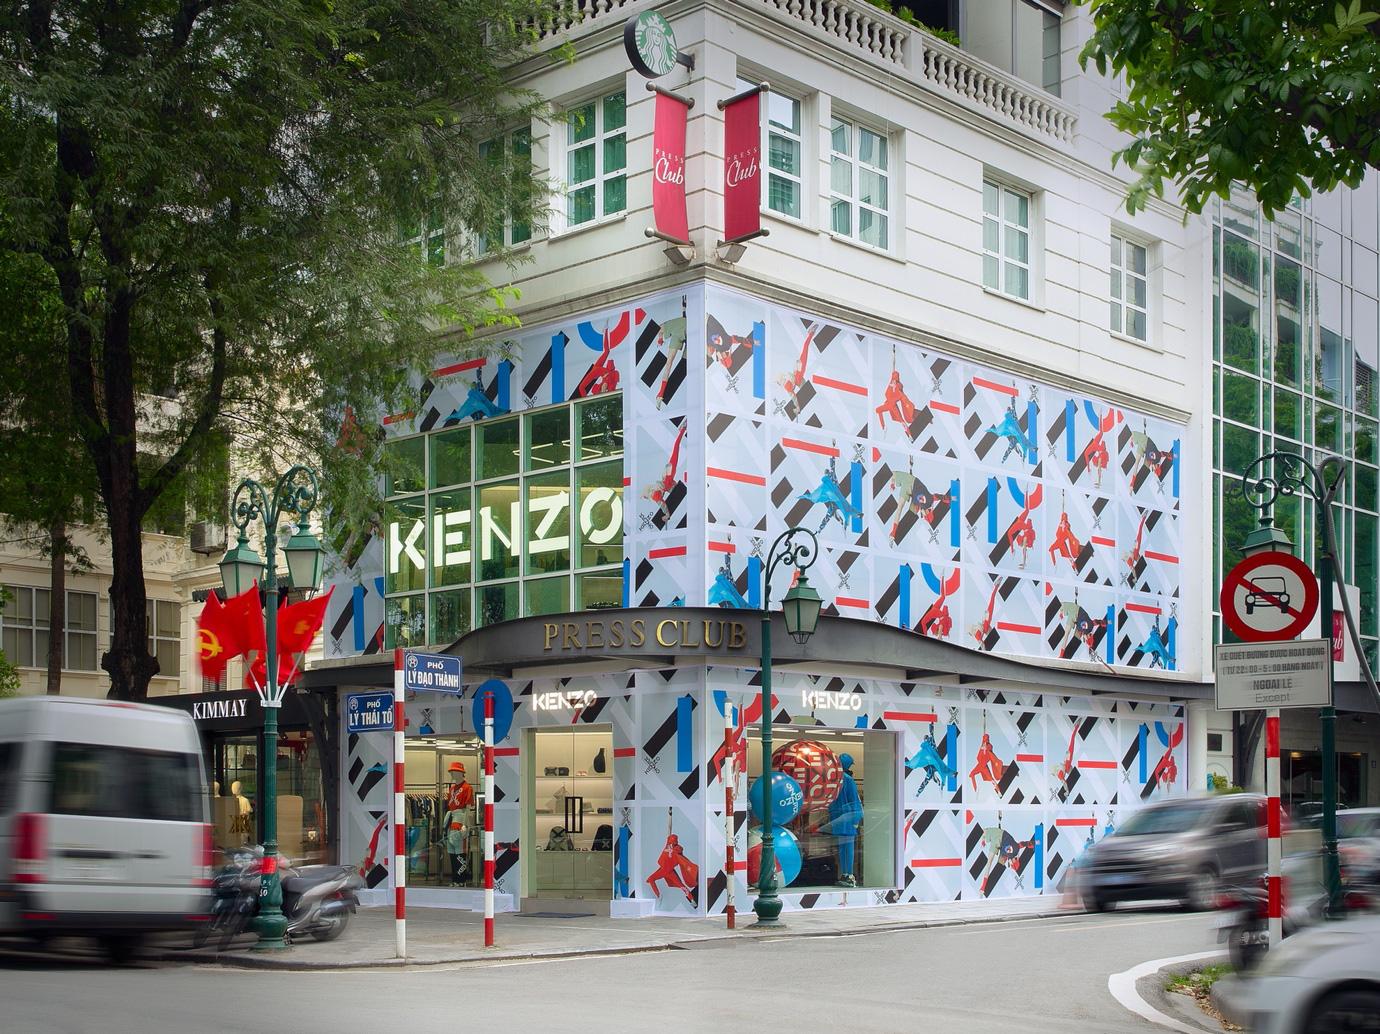 Cửa hàng KENZO Hà Nội lột xác rực rỡ, đón chào BST thể thao được mong đợi nhất năm 2021 - Ảnh 4.